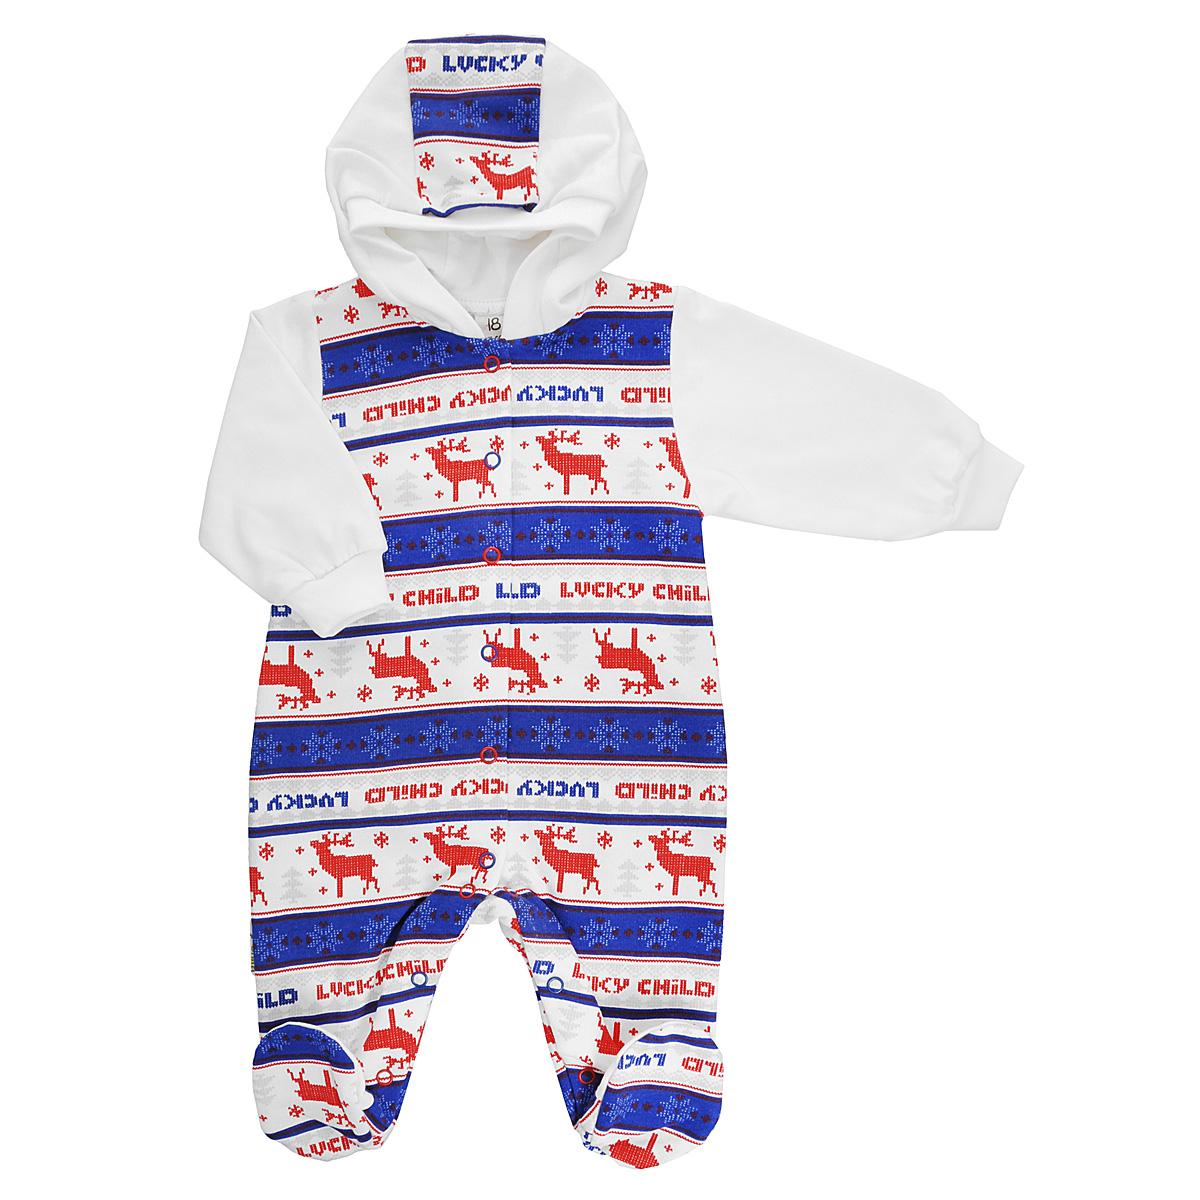 Комбинезон детский Lucky Child, цвет: молочный, синий, красный. 10-3. Размер 56/6210-3Детский комбинезон Lucky Child - очень удобный и практичный вид одежды для малышей. Комбинезон выполнен из натурального хлопка, благодаря чему он необычайно мягкий и приятный на ощупь, не раздражает нежную кожу ребенка и хорошо вентилируется, а эластичные швы приятны телу малыша и не препятствуют его движениям. Лицевая сторона гладкая, а изнаночная - с мягким теплым начесом. Комбинезон с капюшоном, длинными рукавами и закрытыми ножками имеет застежки-кнопки от горловины до щиколоток, которые помогают легко переодеть младенца или сменить подгузник. Рукава дополнены широкими трикотажными манжетами, не сжимающими запястья ребенка. Оформлена модель модным скандинавским принтом. С детским комбинезоном Lucky Child спинка и ножки вашего малыша всегда будут в тепле, он идеален для использования днем и незаменим ночью. Комбинезон полностью соответствует особенностям жизни младенца в ранний период, не стесняя и не ограничивая его в движениях!